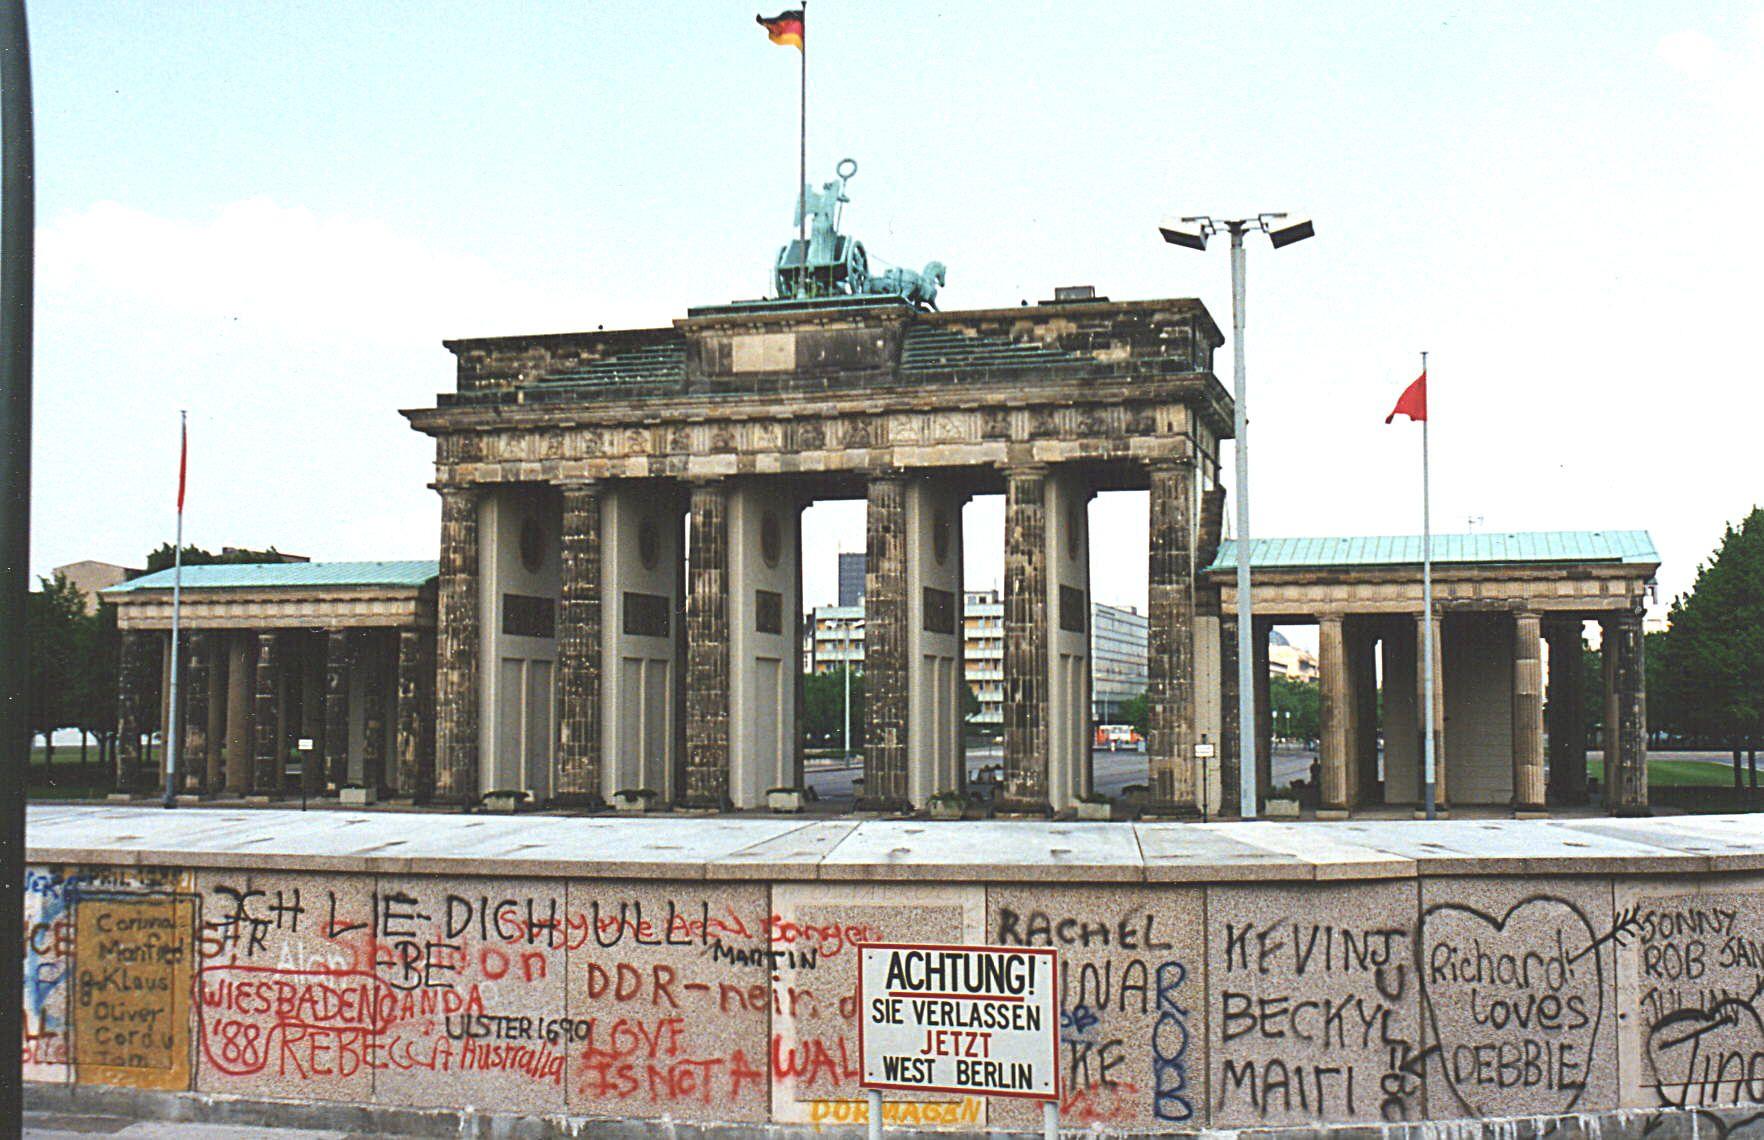 The Wall Brandenburg Gate From The West Berlin Side Berlin Wall West Berlin East Germany